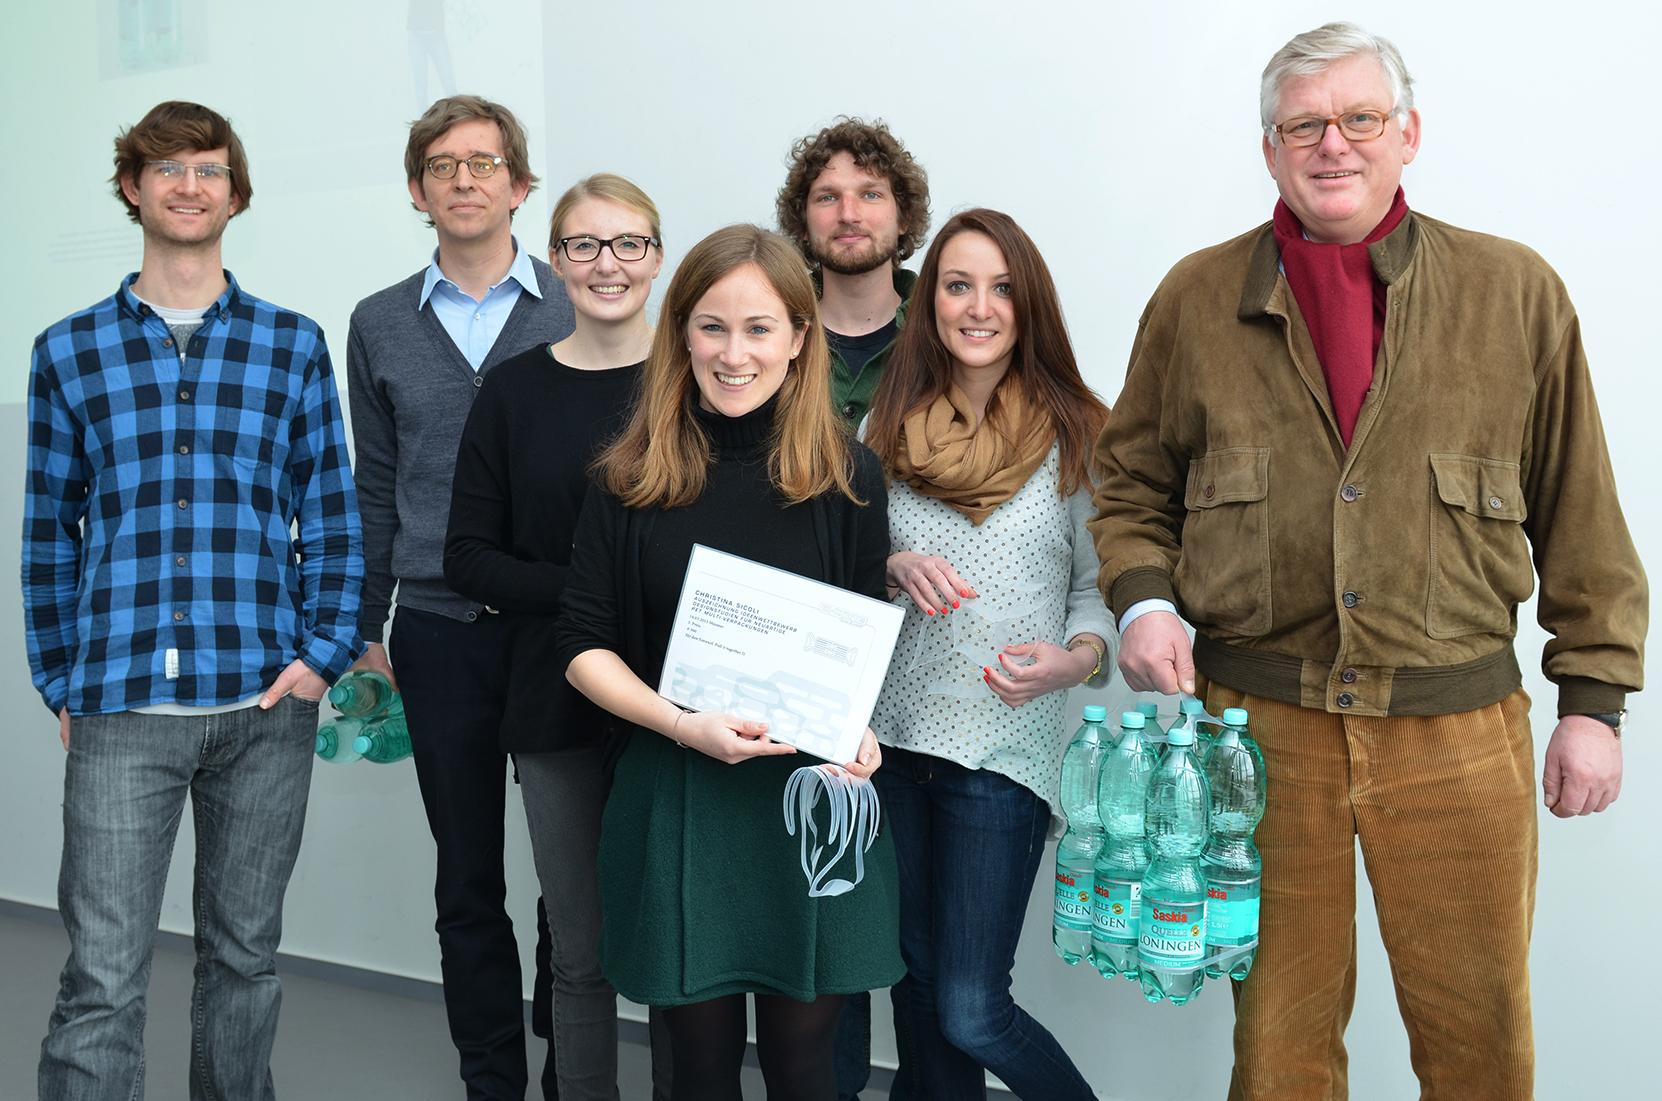 Unter der Leitung von Prof. Torsten Wittenberg (2.v.l.) hatten 13 Design-Studierende Ideen für ein neues Tragesystem, das sechs Wasserflaschen verbindet, entwickelt. Hans-Jürgen Meyer (r.) und Anna-Sophie Schmitz (M.) von der Verpackungsfirma Hi